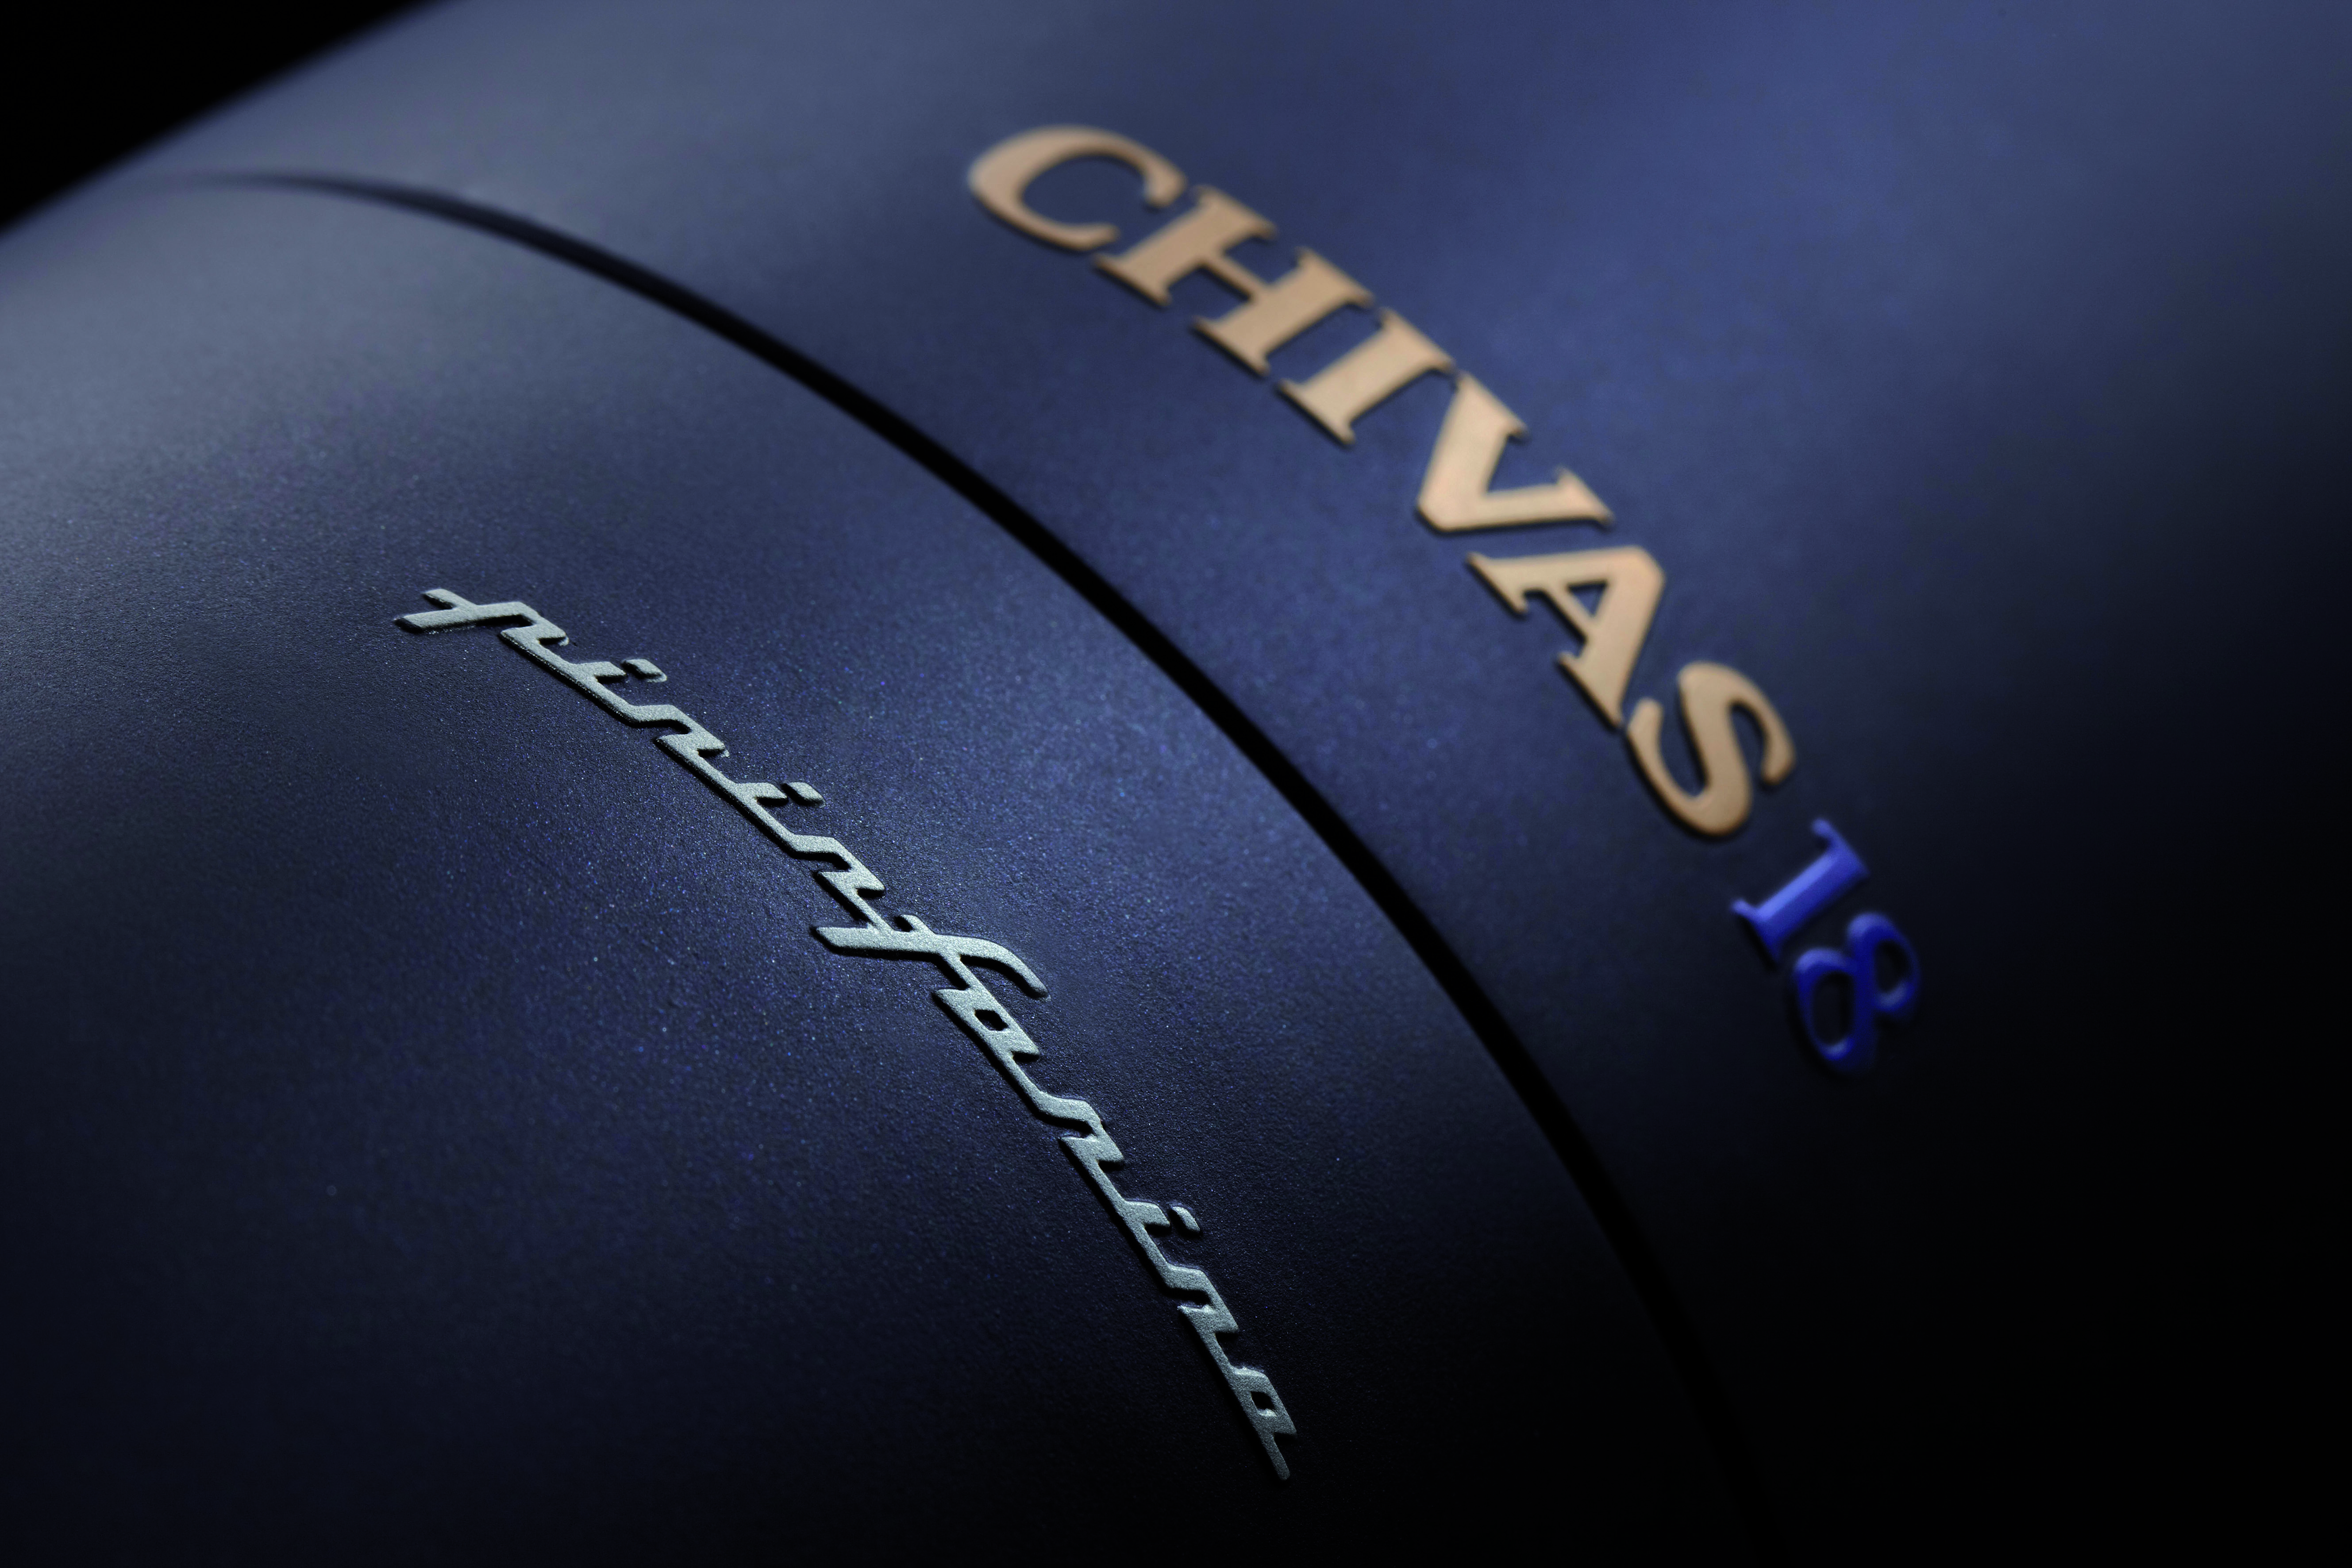 Chivas18